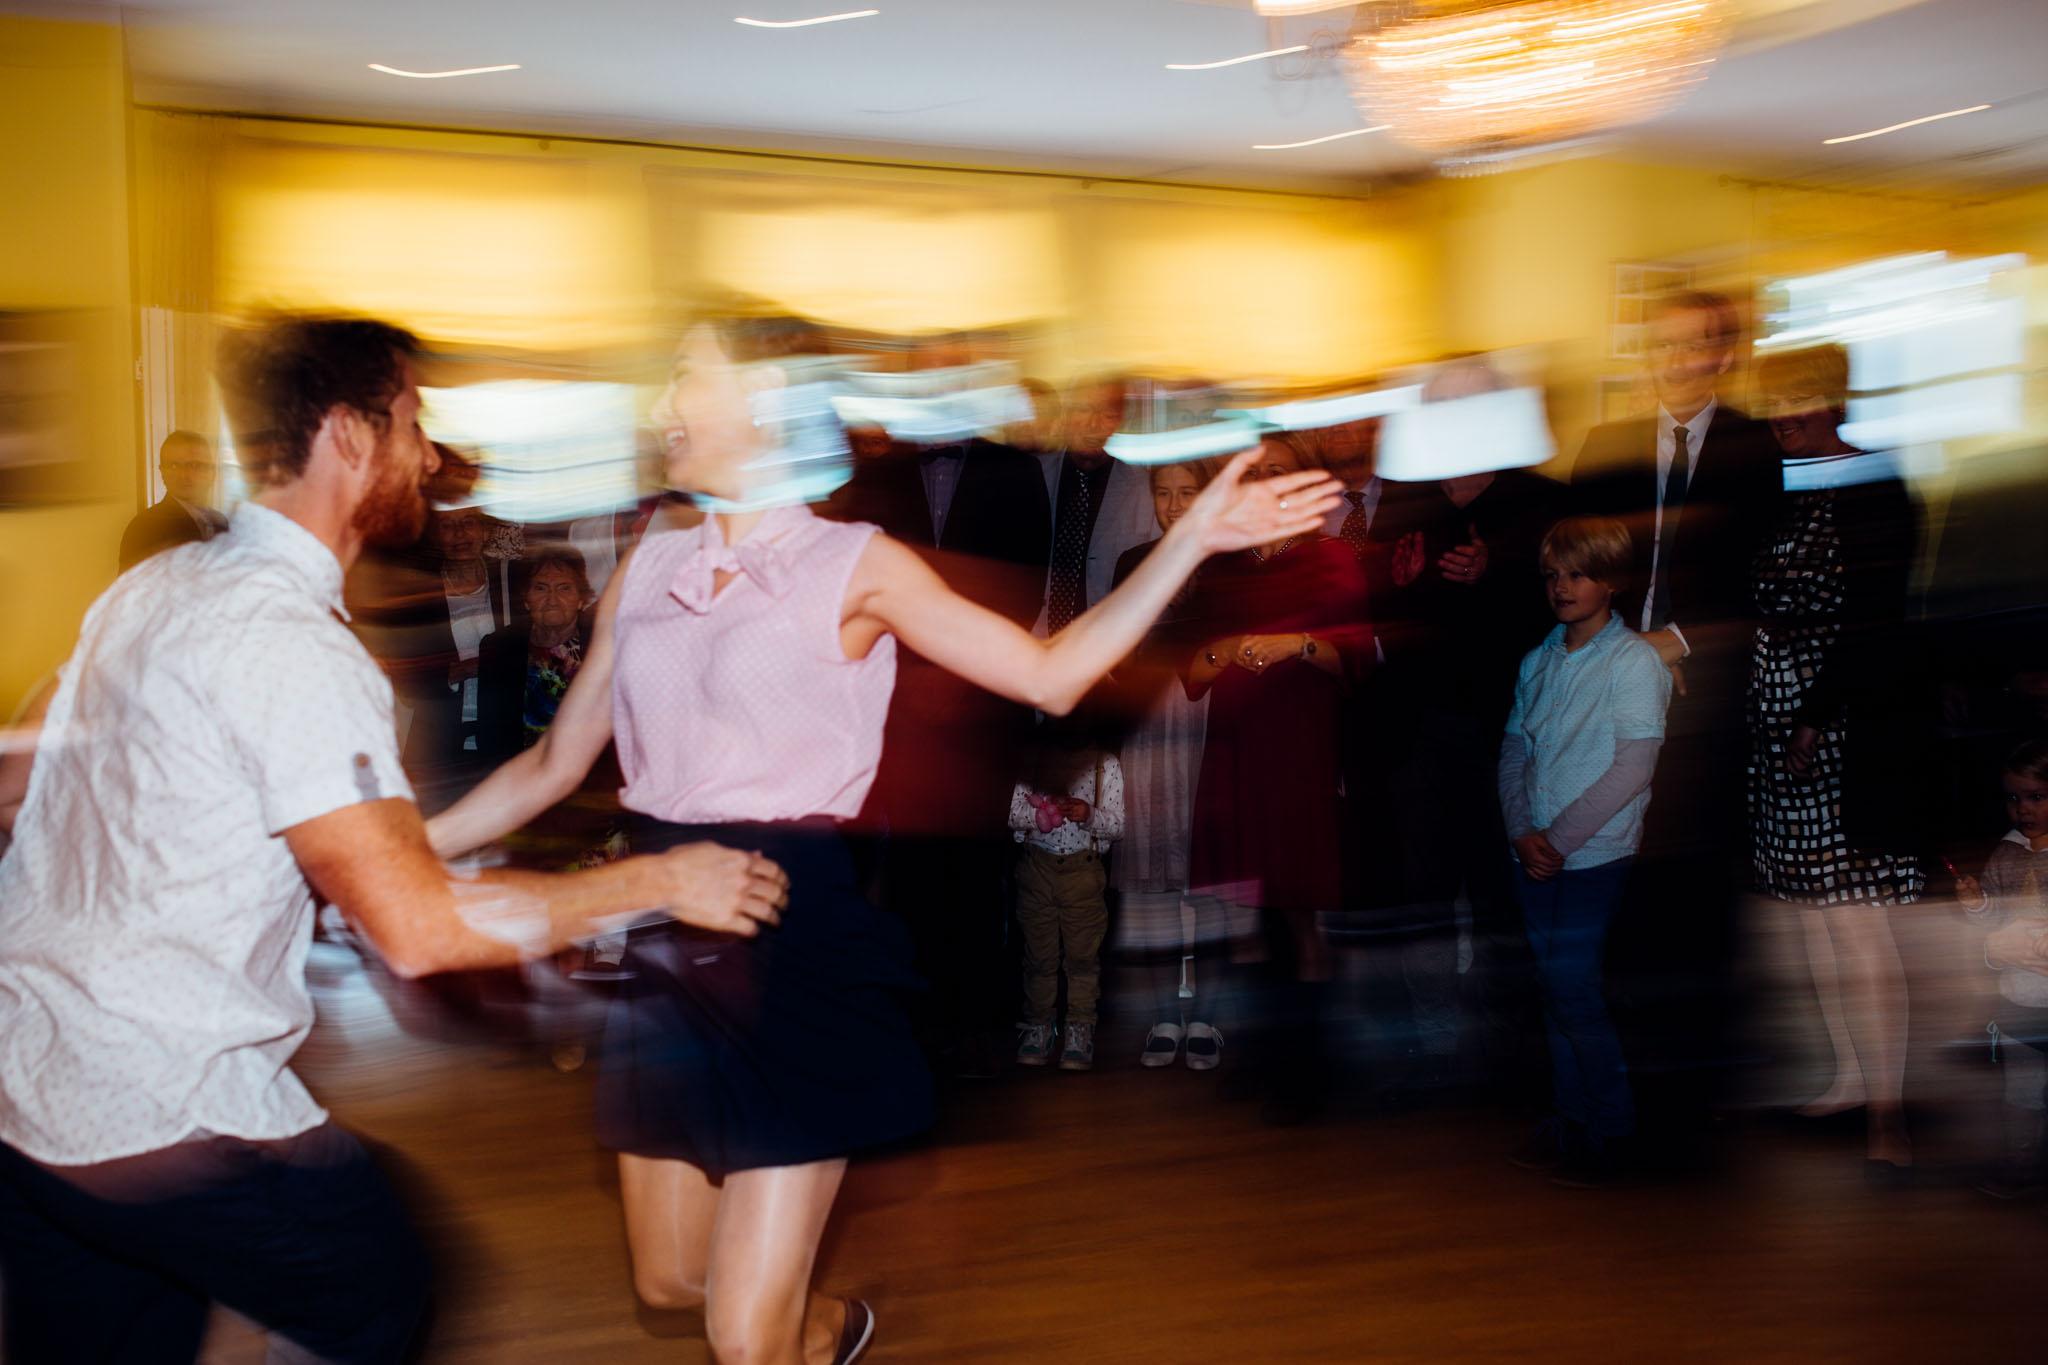 cafe-wildau-tanzen-hochzeitsfotograf